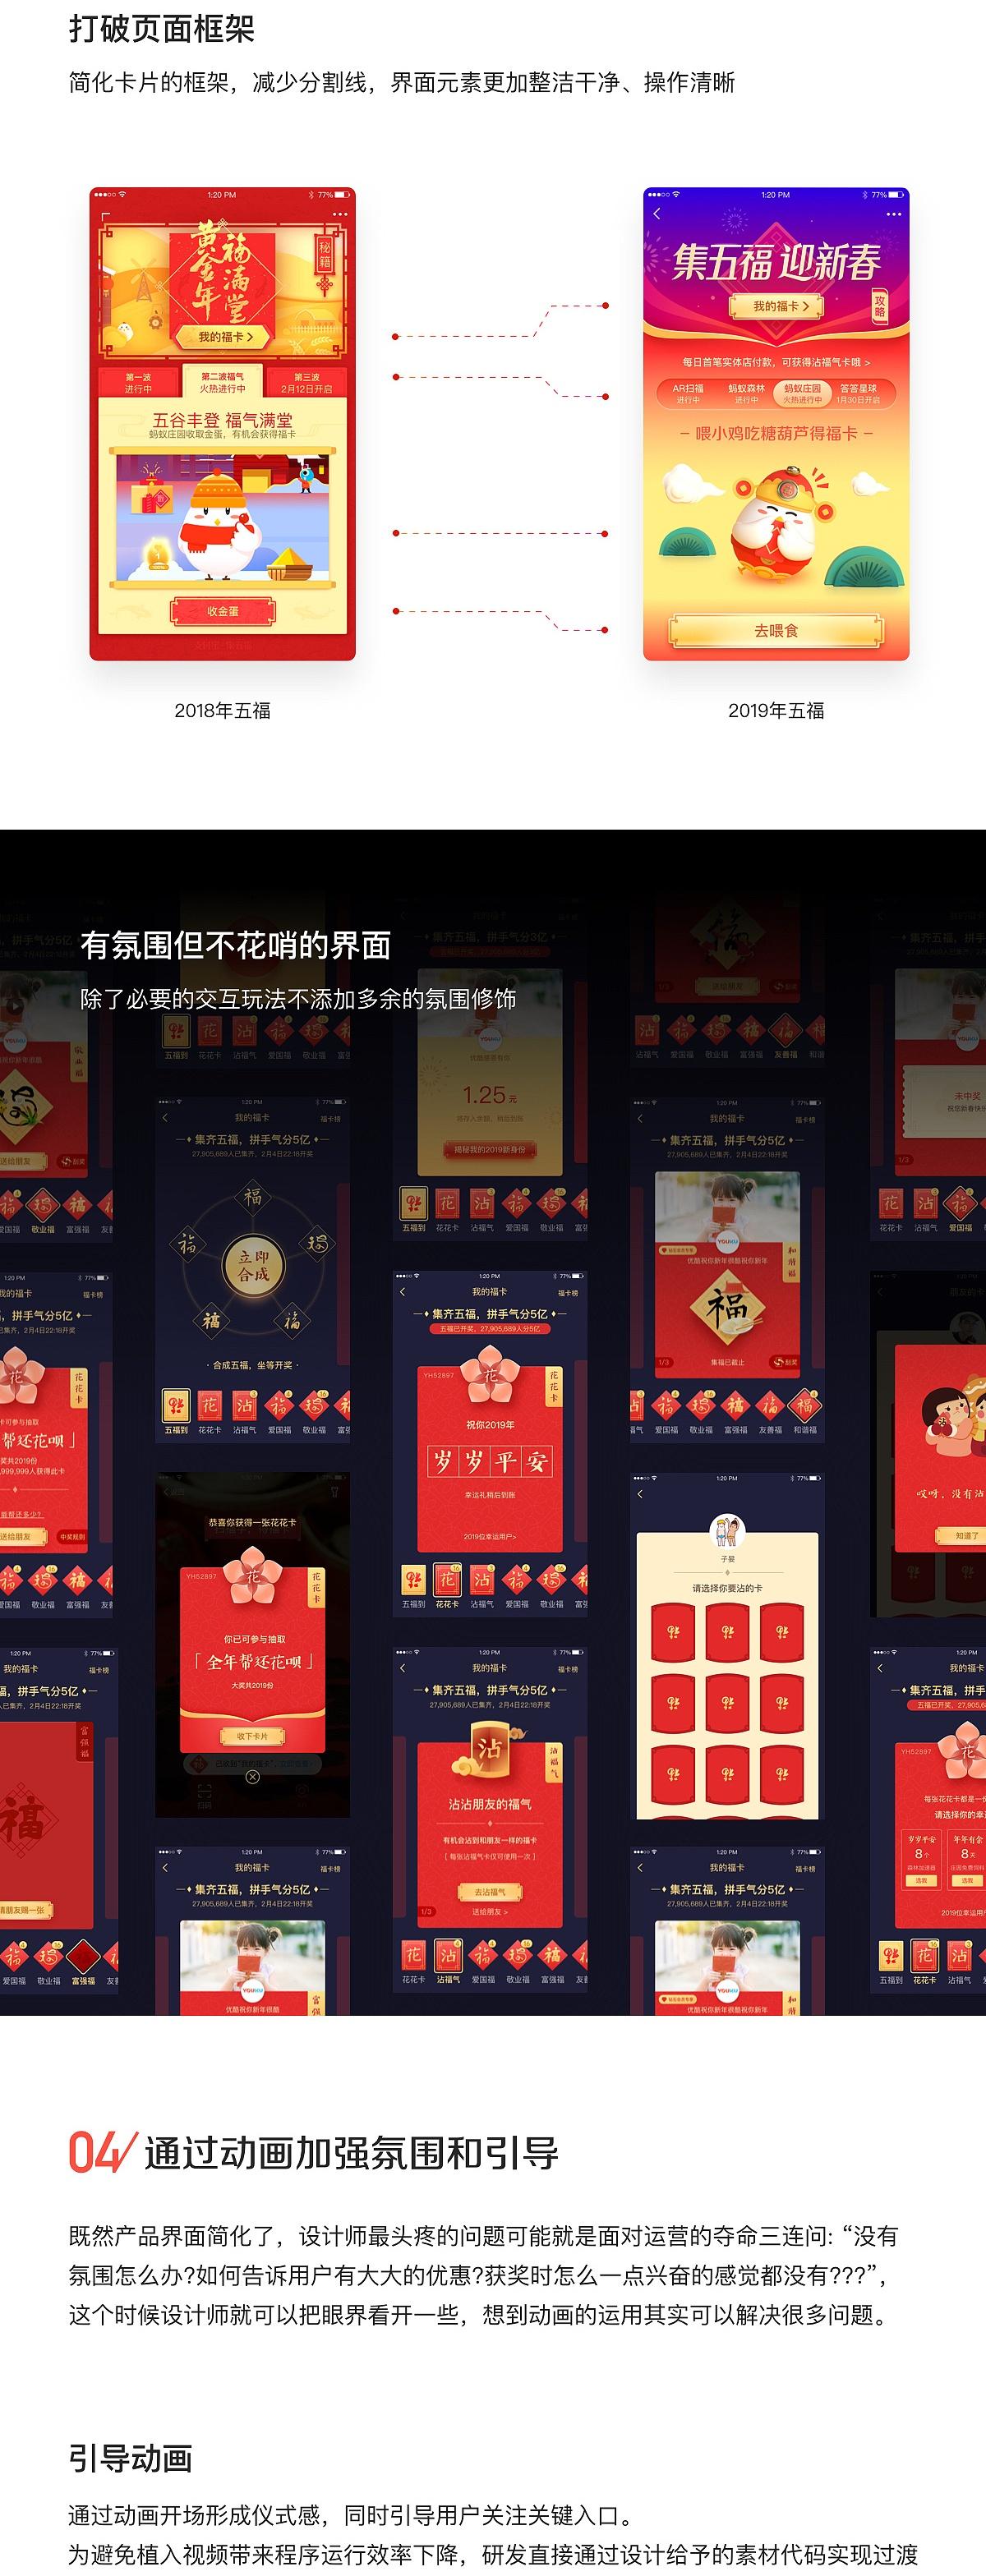 官方出品!揭秘「支付宝集五福」这个超级营销背后的设计体系